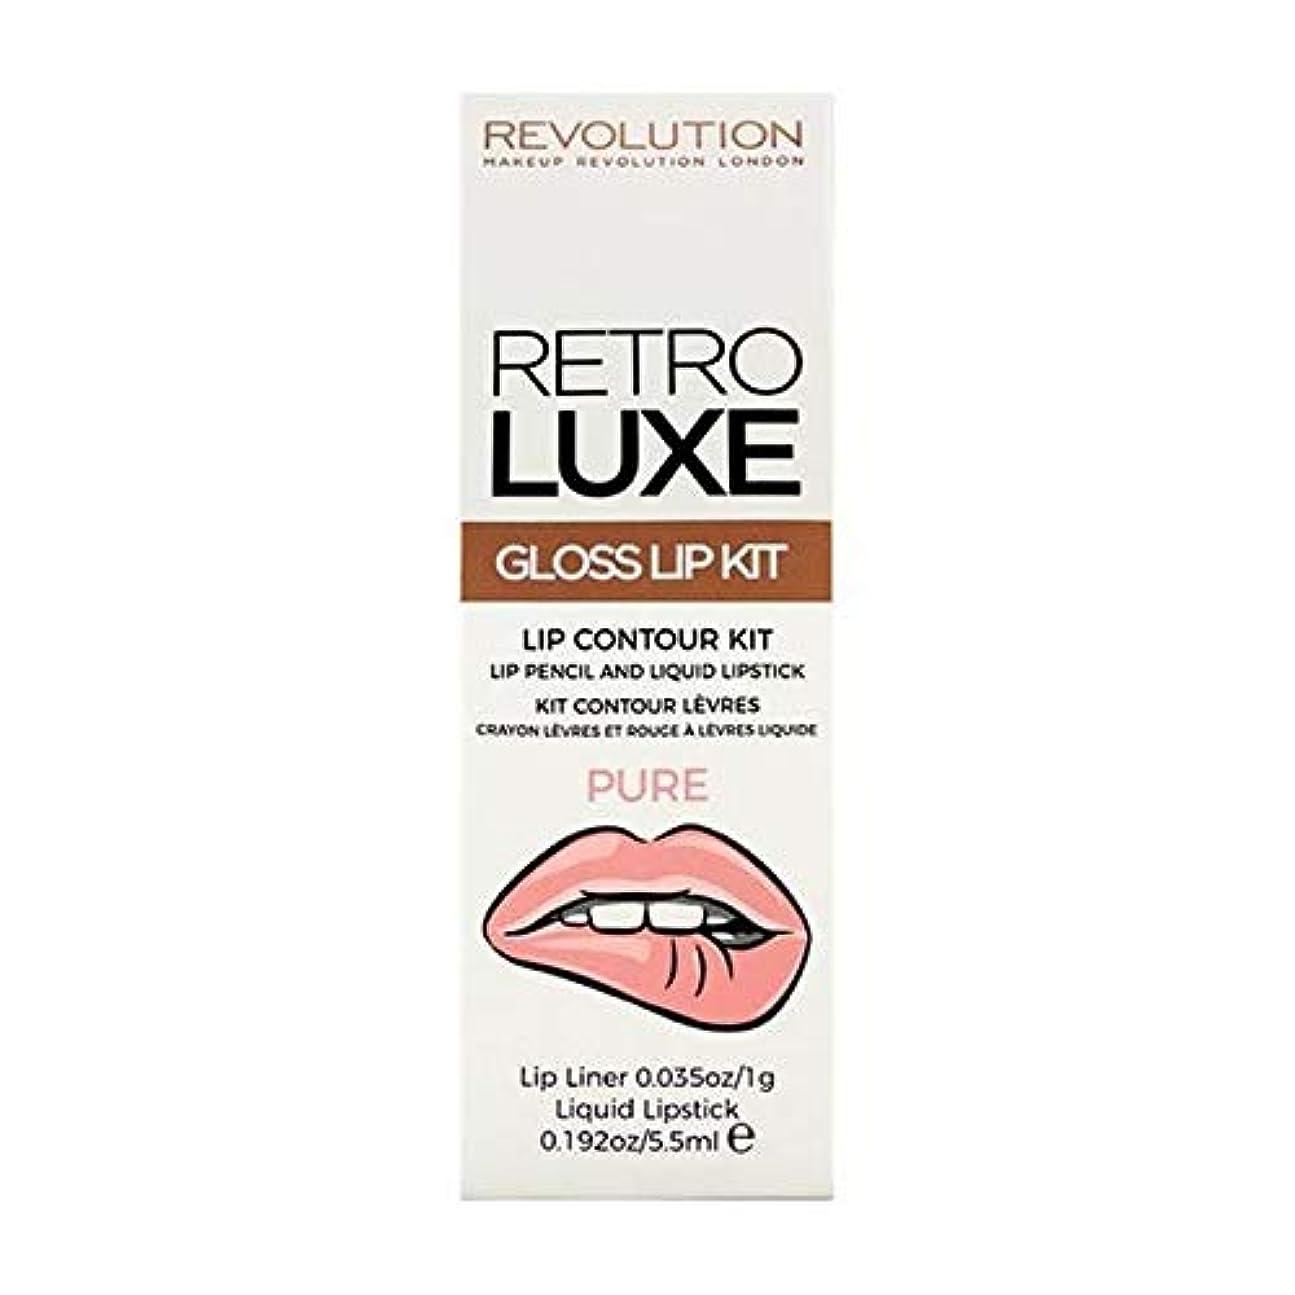 スワップマルクス主義者隠す[Revolution ] 革命のレトロラックスキットは、純粋な光沢 - Revolution Retro Luxe Kits Gloss Pure [並行輸入品]